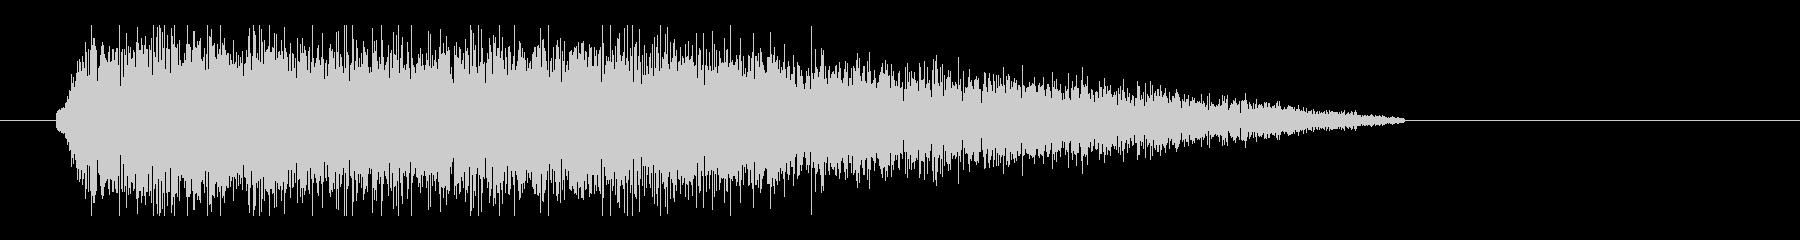 レーザー音-31-3の未再生の波形